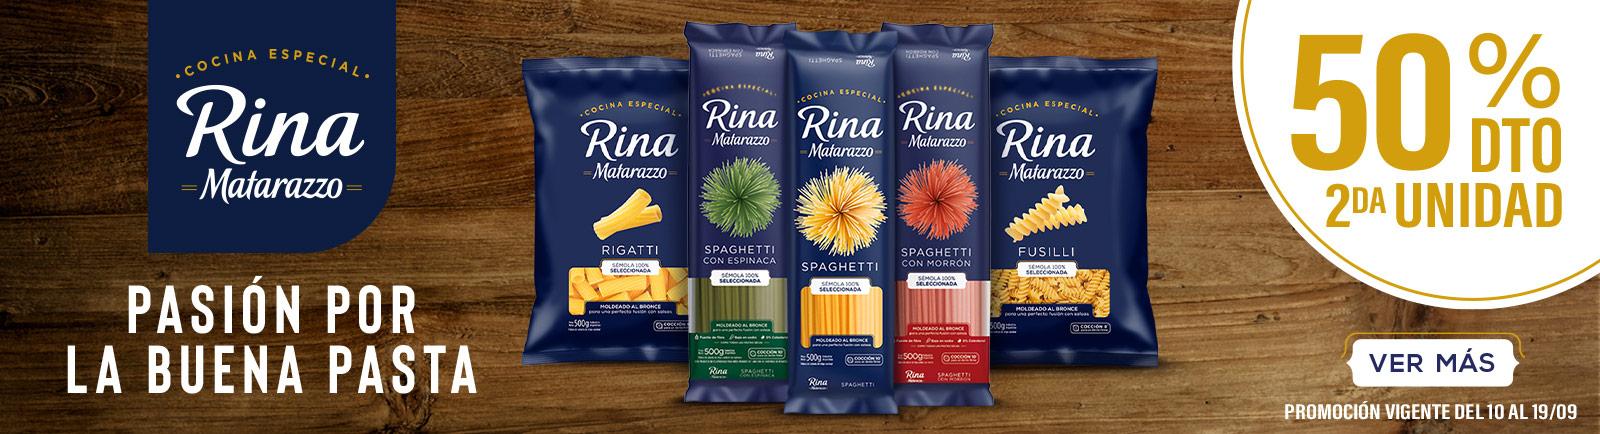 Pastas Rina - 50% en 2da unidad